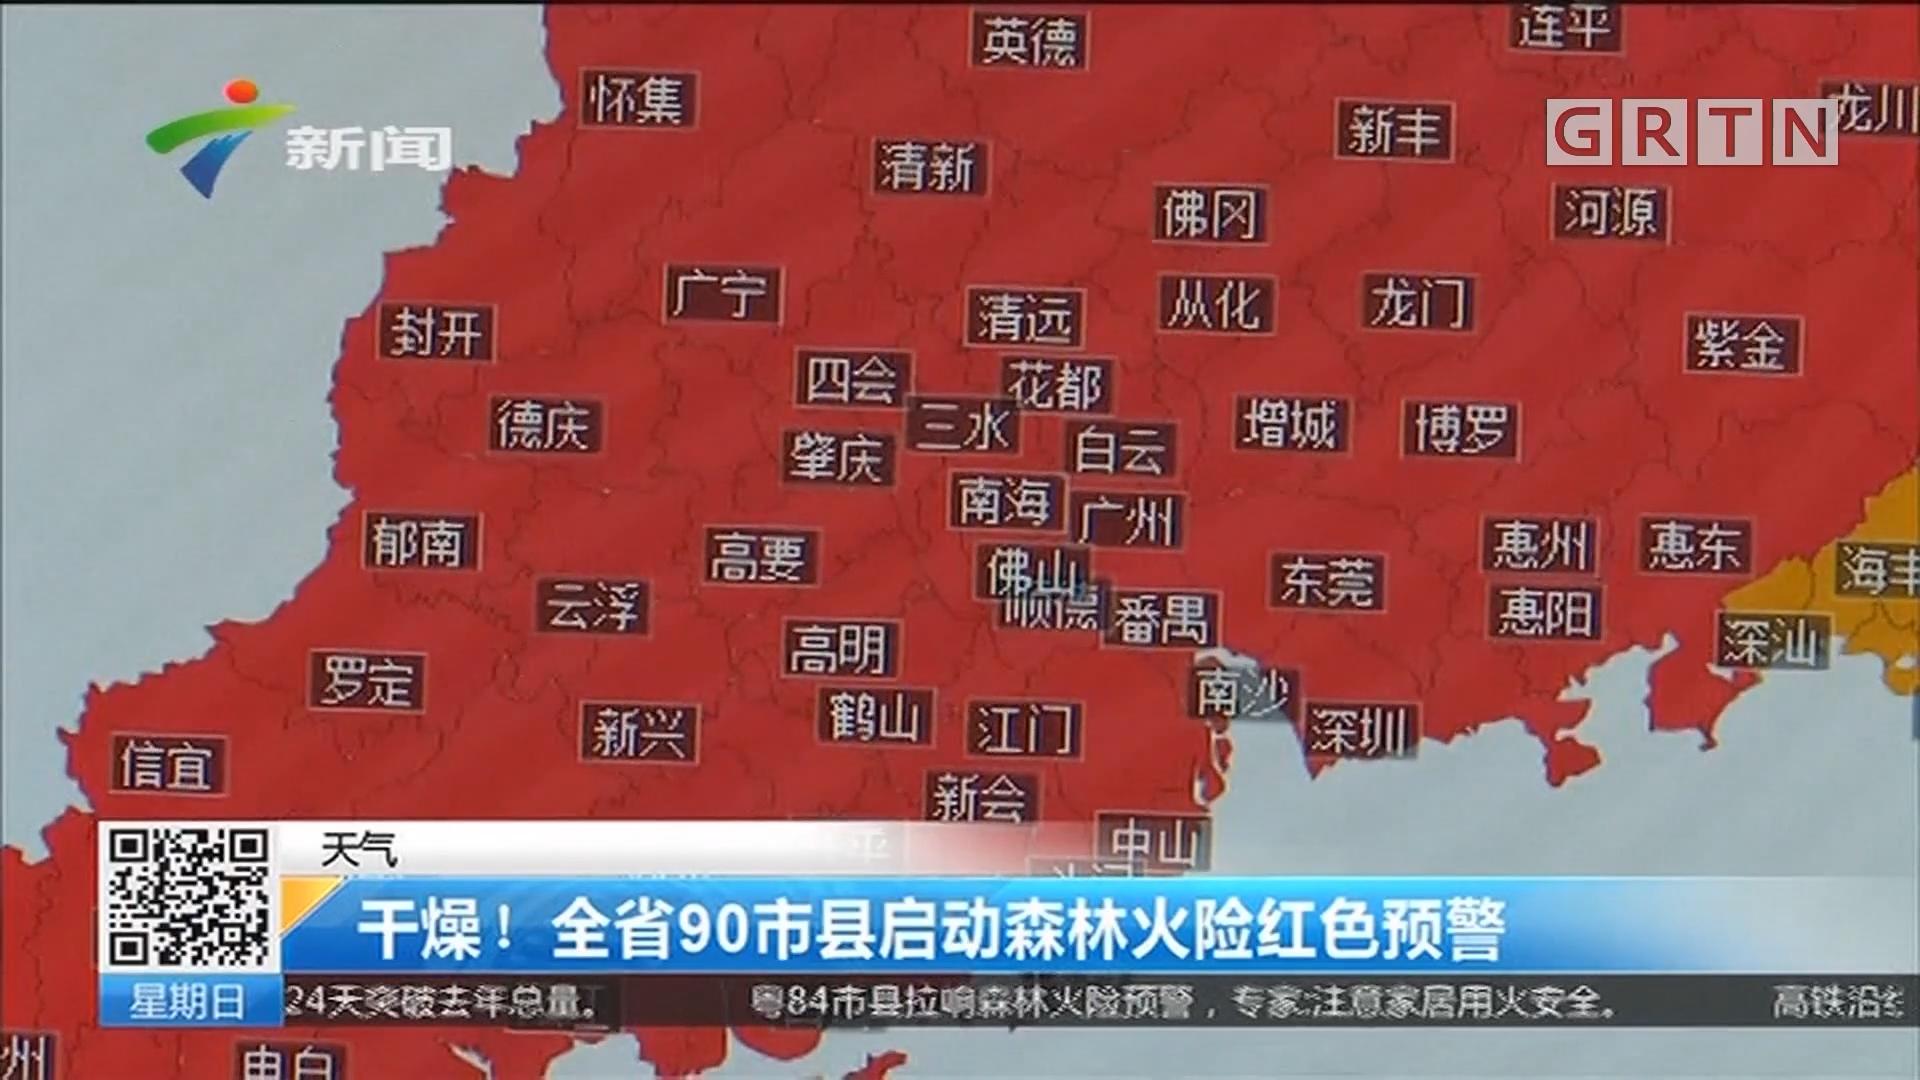 天气:干燥!全省90市县启动森林火险红色预警